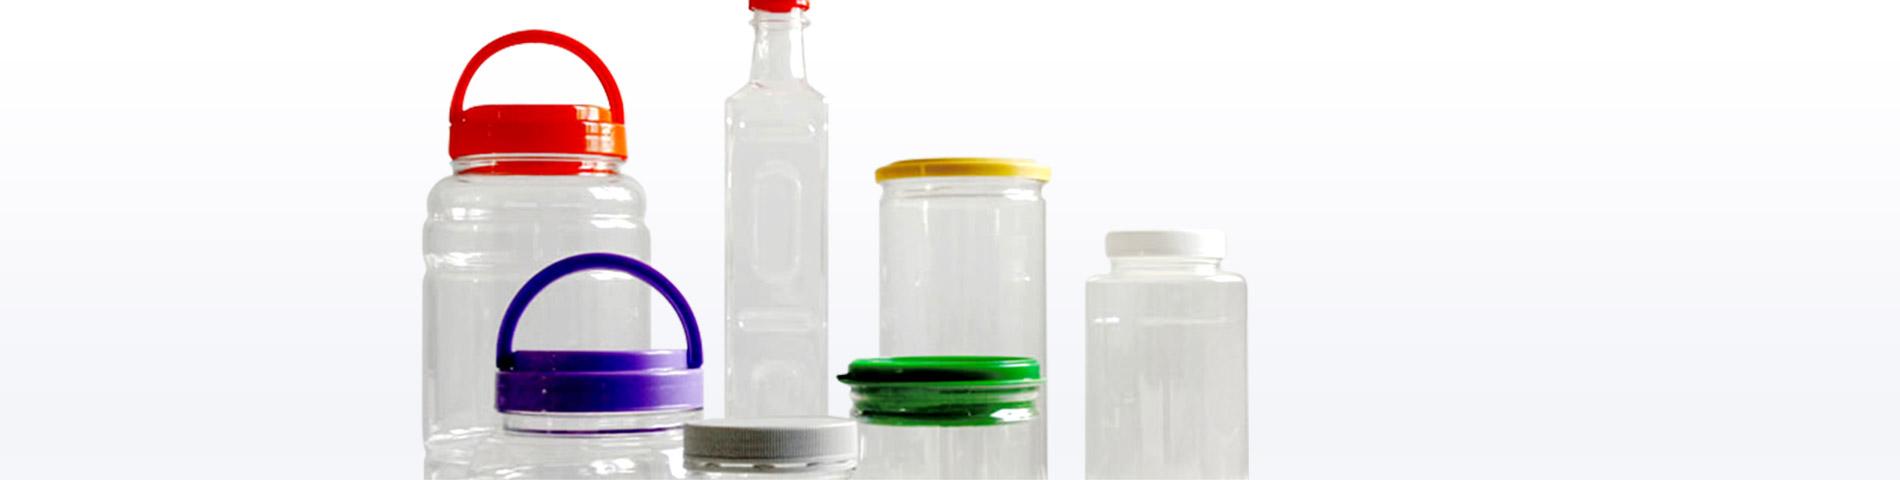 PET 塑膠廣口瓶